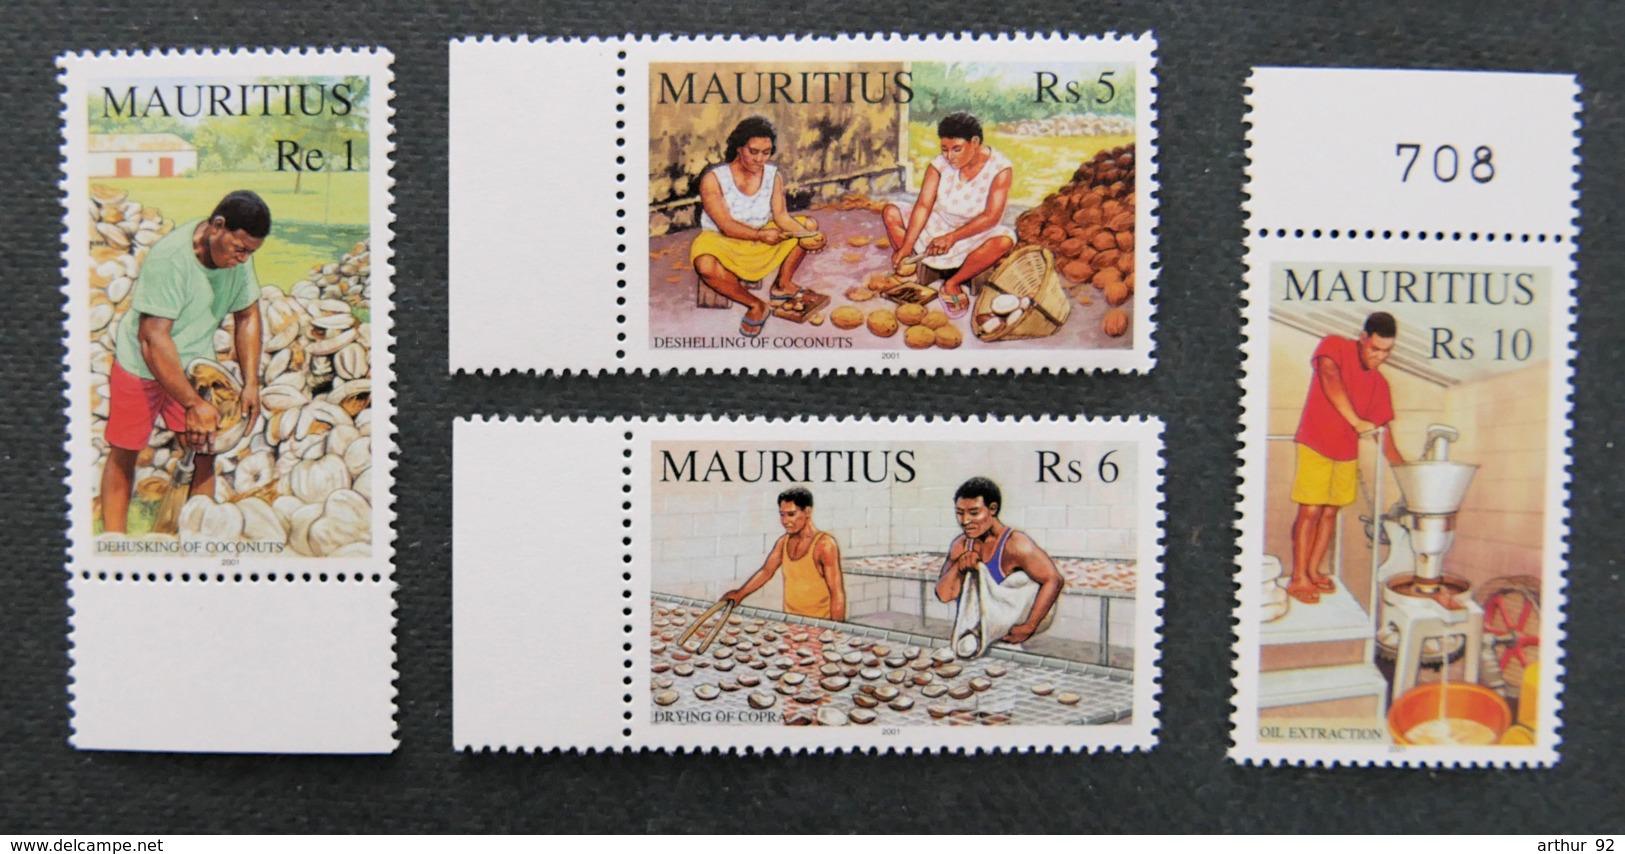 ILE MAURICE - MAURITIUS - 2001 - TAXES - YT 983 à 986 ** - LE COPRA - Mauritius (1968-...)